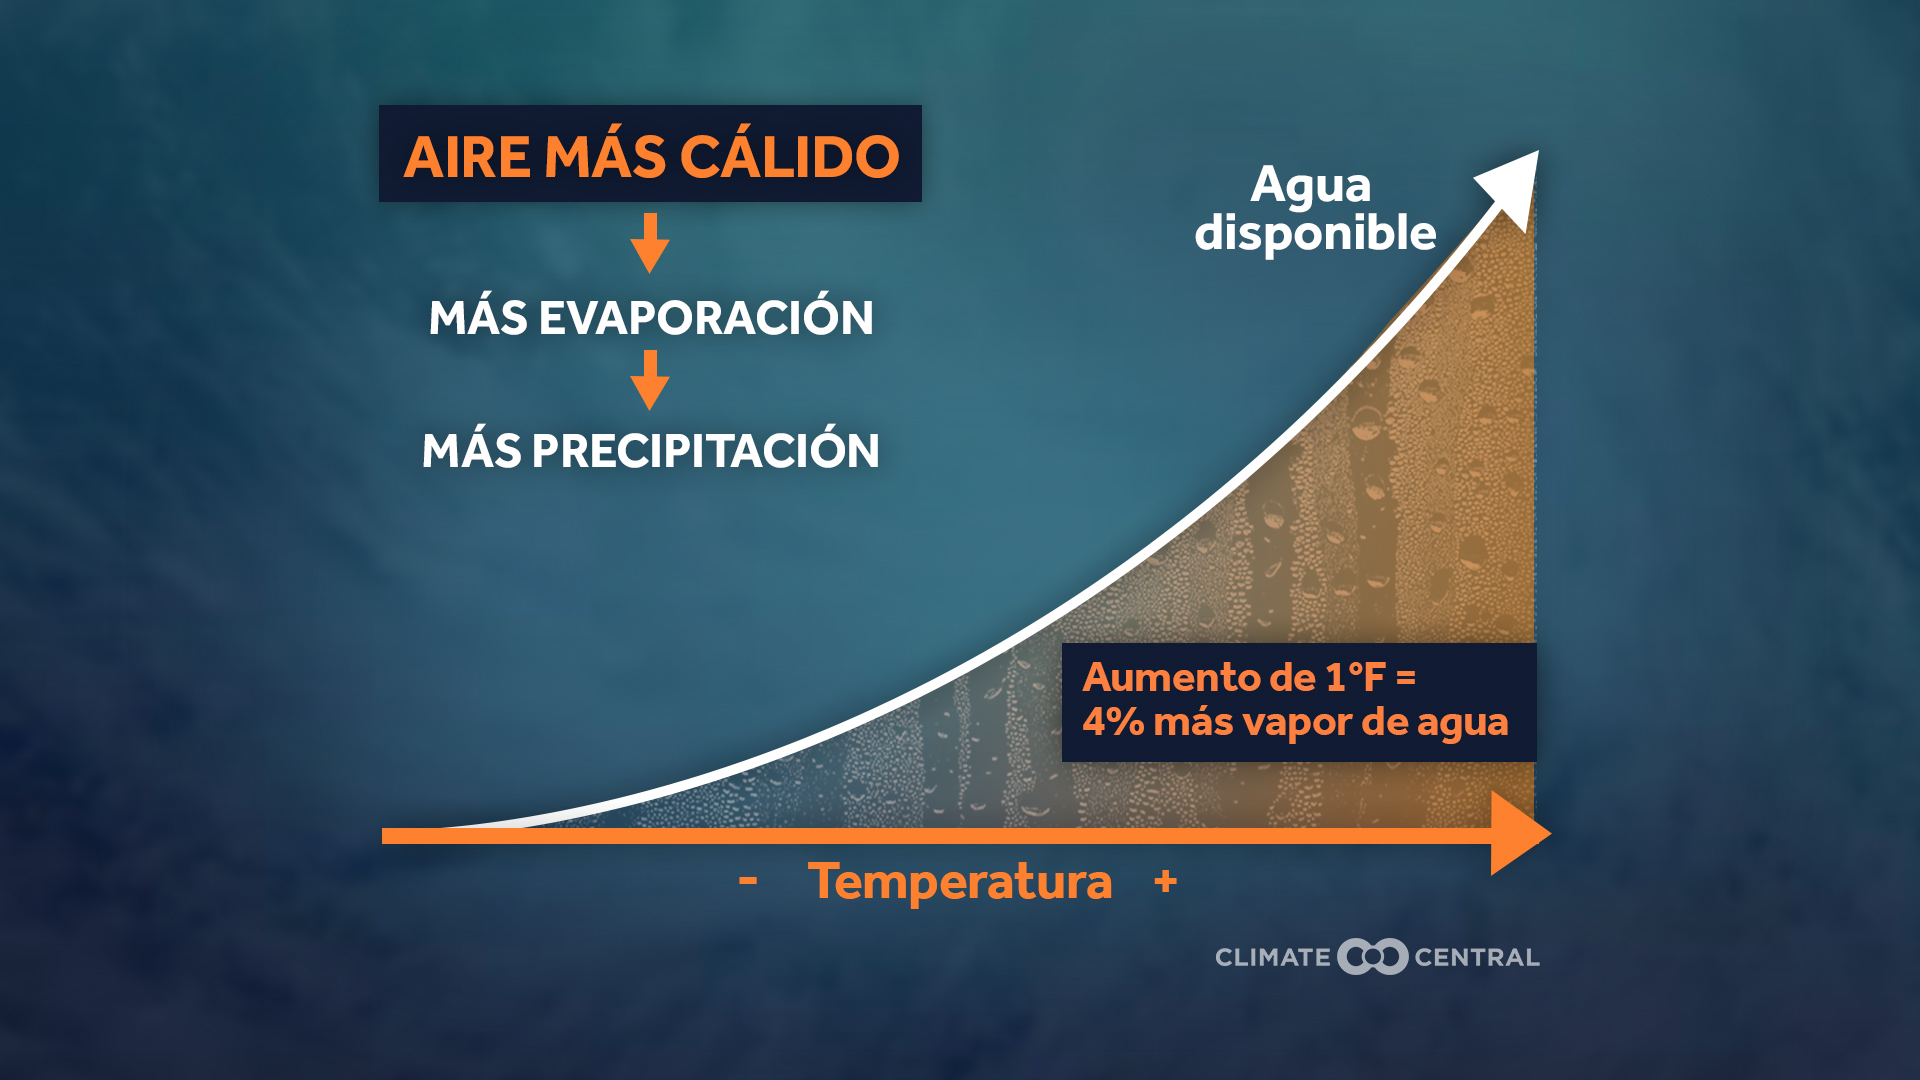 Aire más cálido significa más evaporación y precipitación